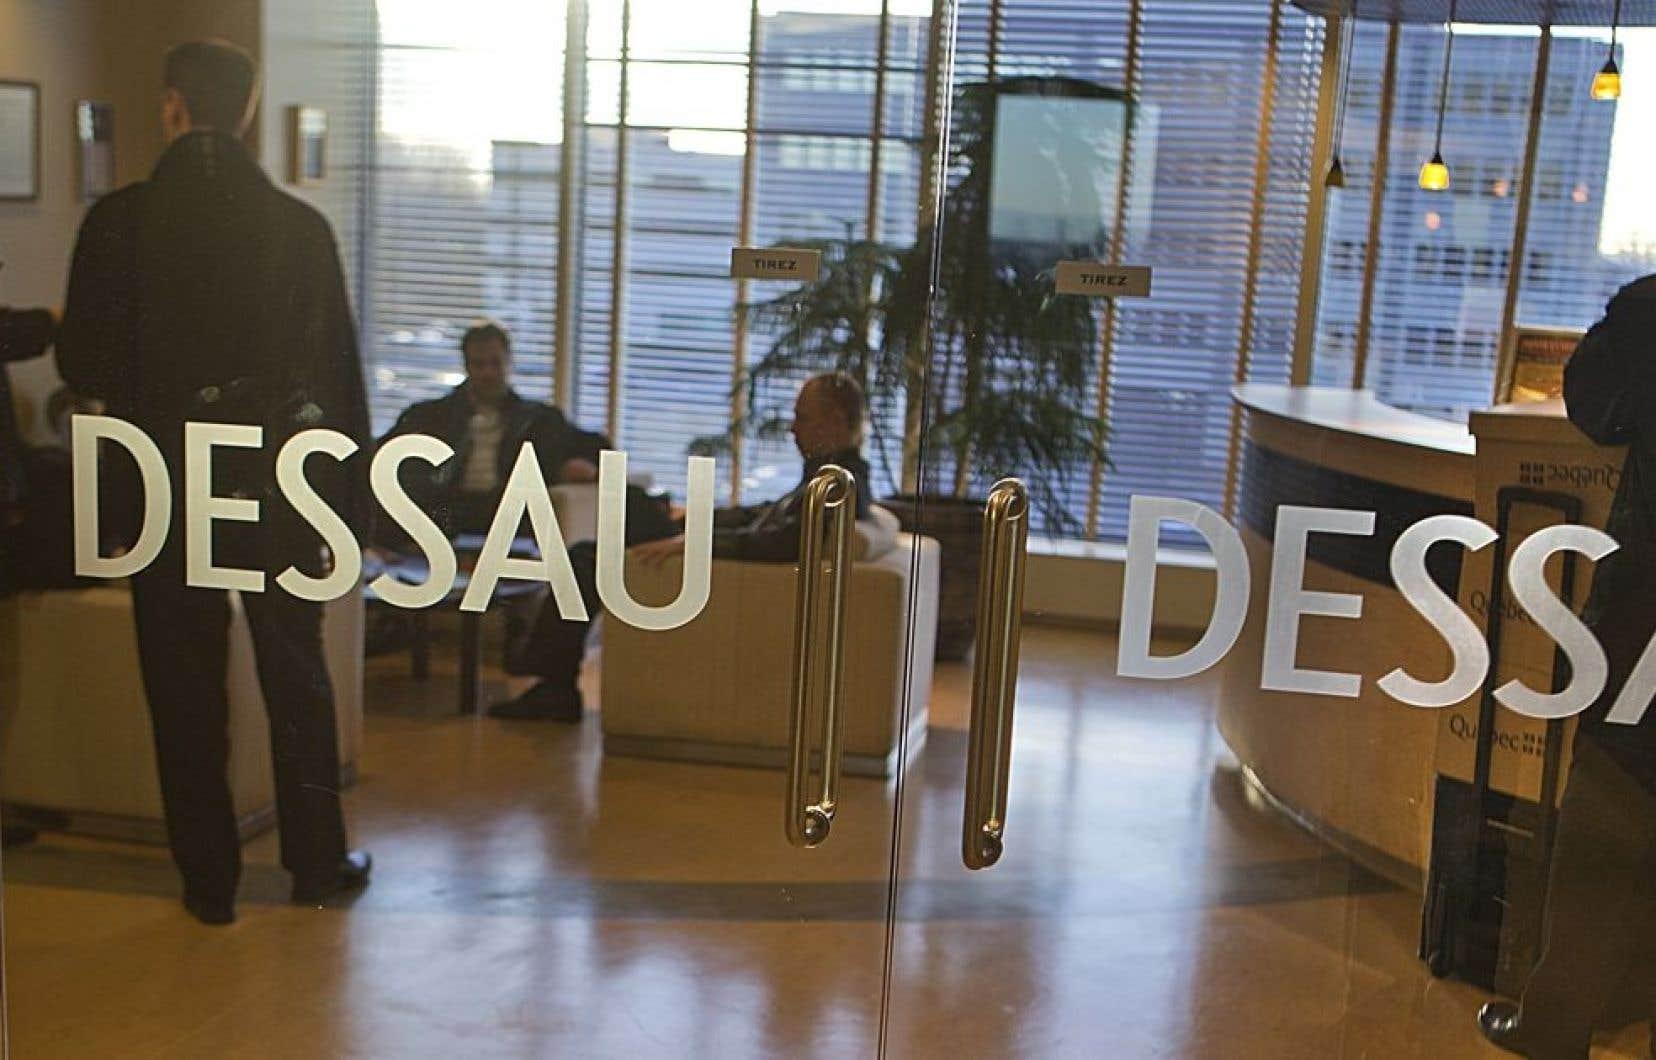 La vice-présidente principale de Dessau, Isabelle Jodoin, a affirmé que la décision de l'AMF aura un impact immédiat sur les activités de l'entreprise.